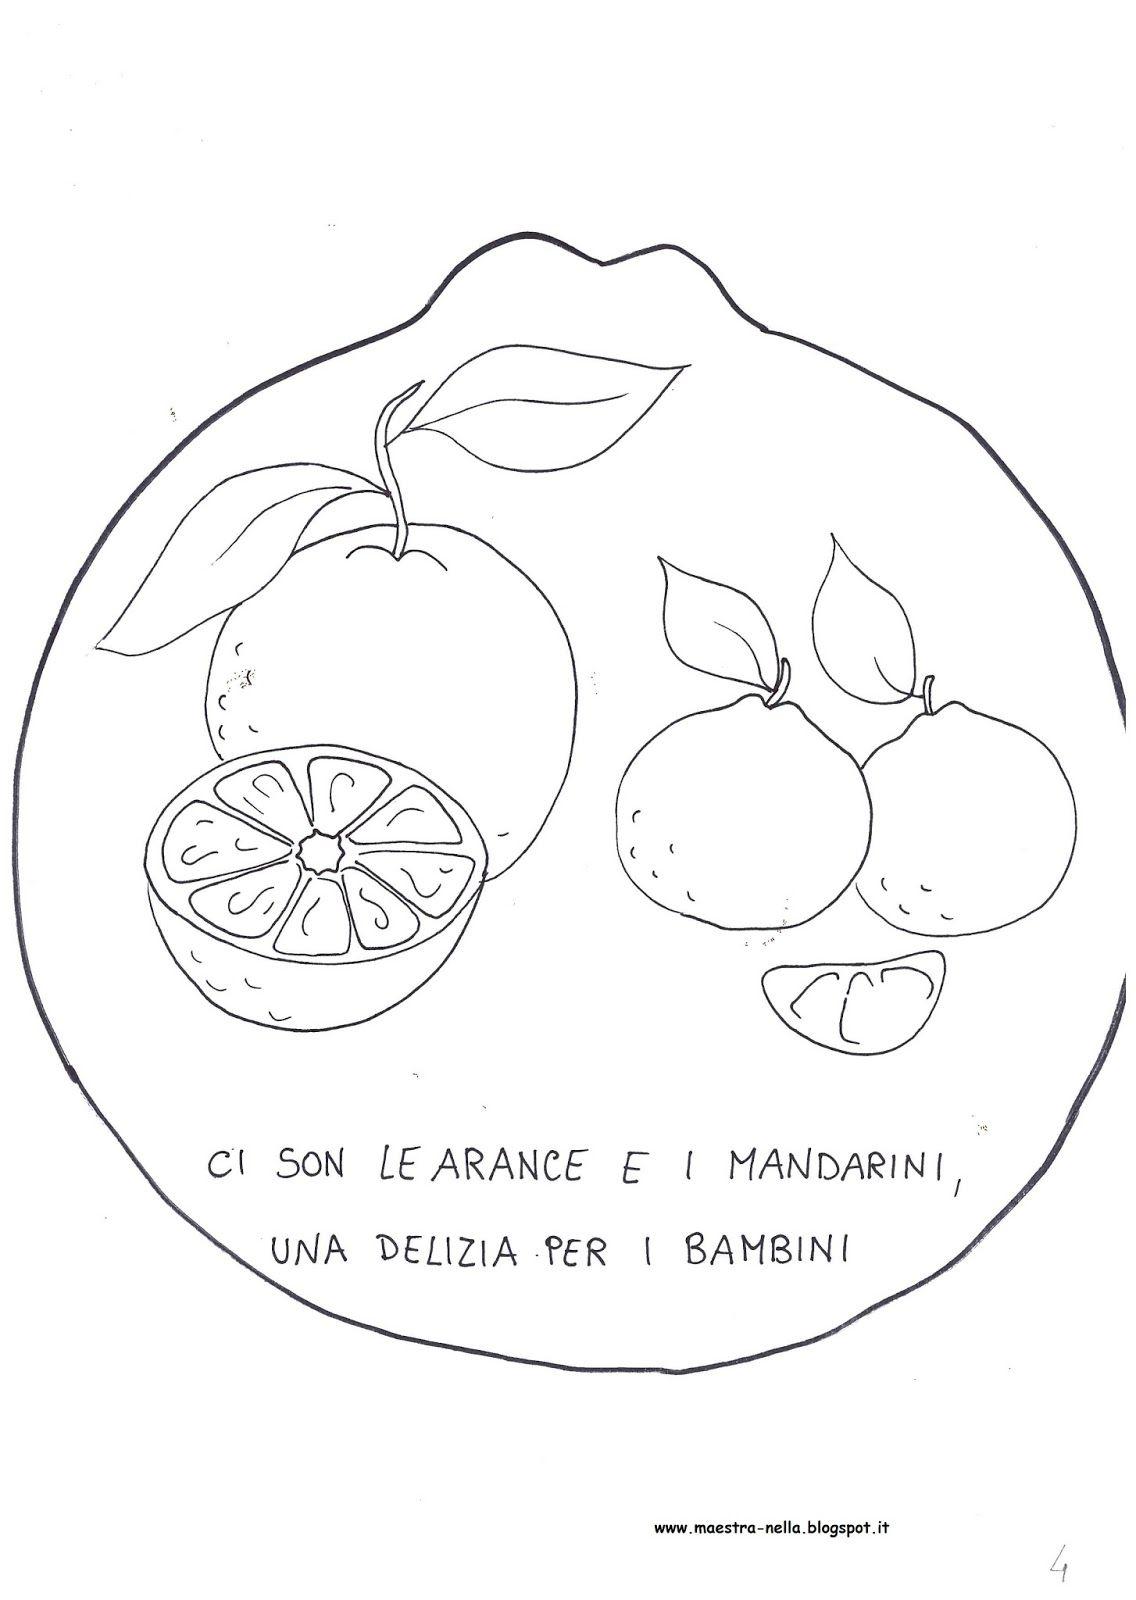 Come Per Lautunno Vi Ricordate Il Libretto A Forma Di Castagna